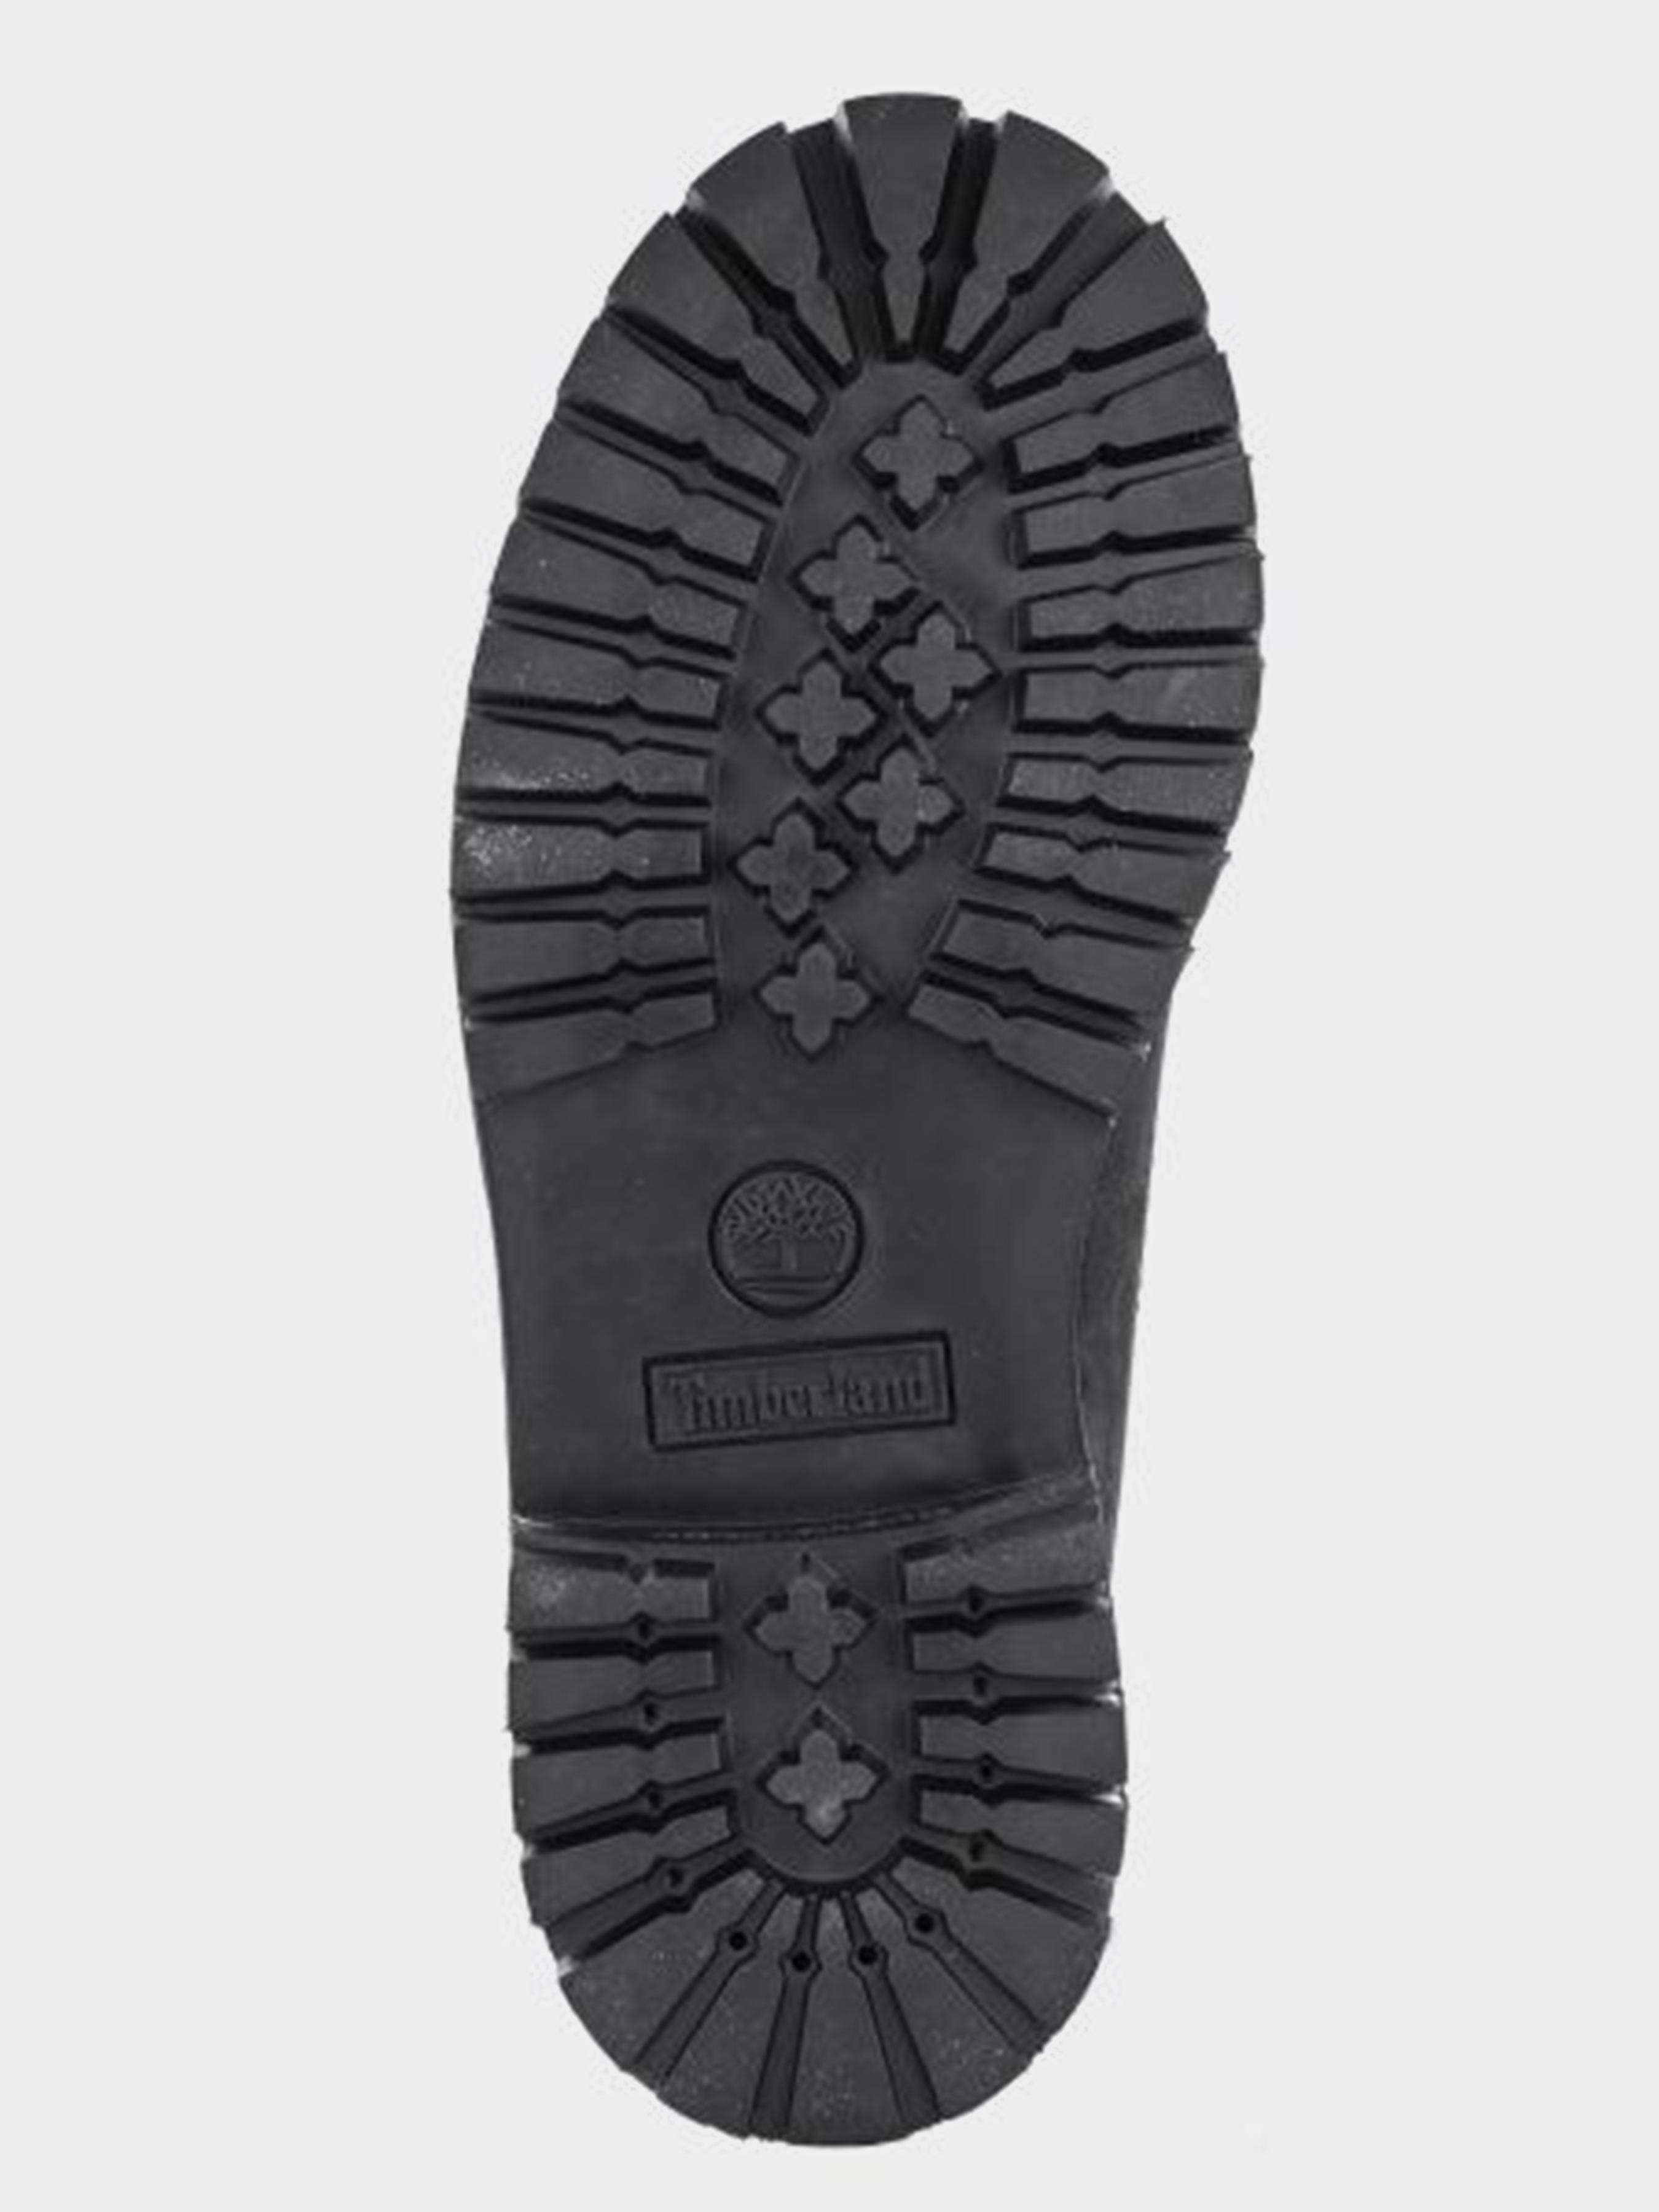 Ботинки для детей Timberland Timberland Premium TB012907001 купить в Интертоп, 2017